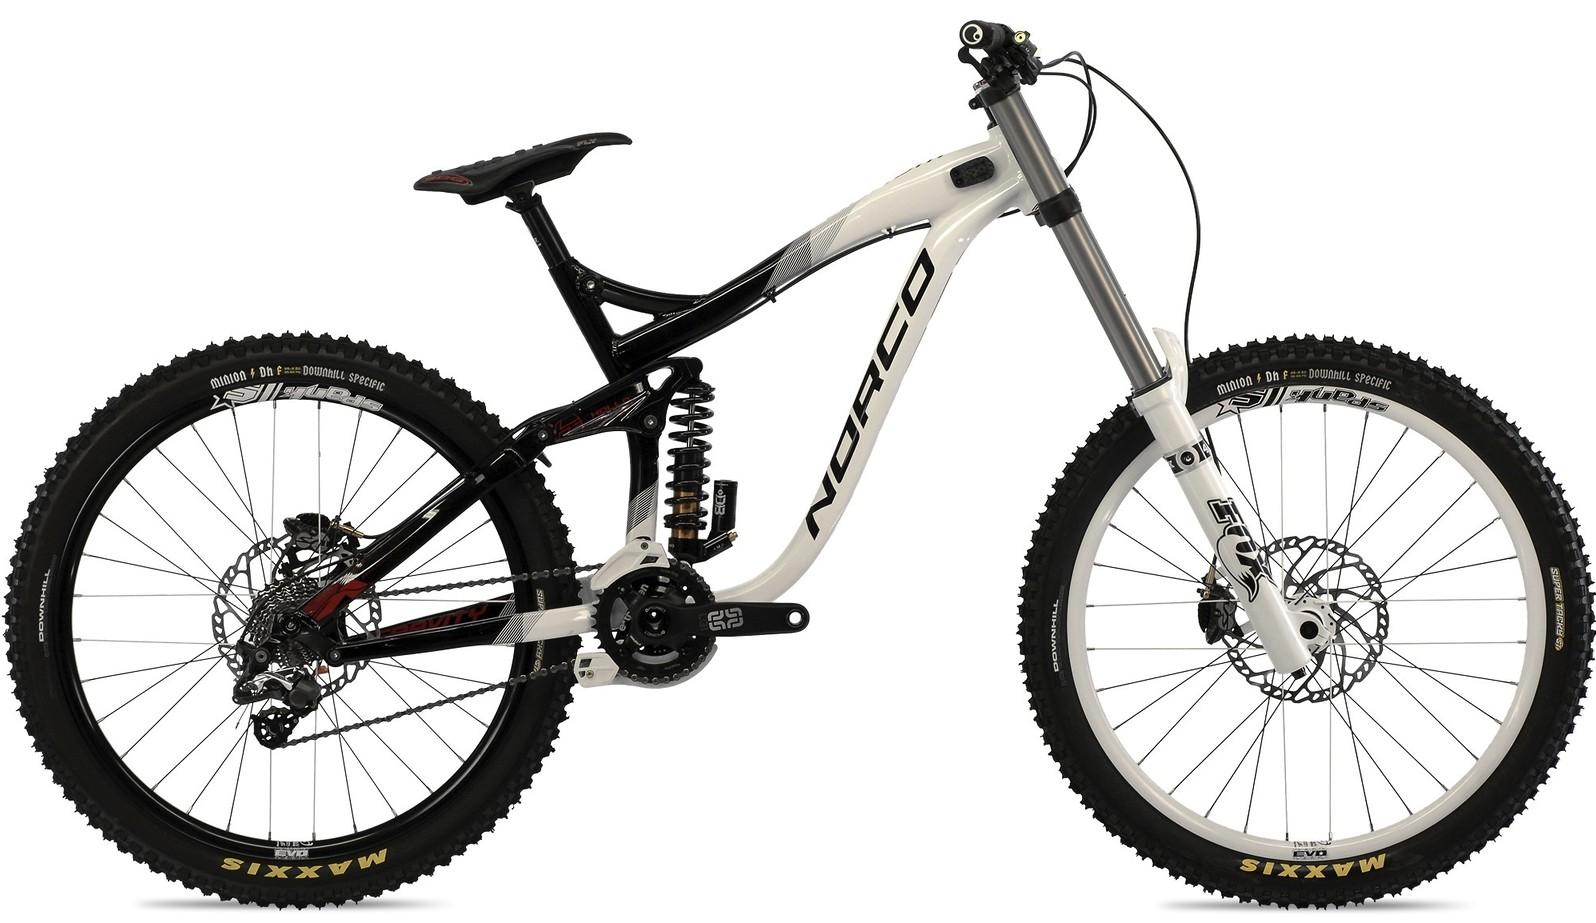 bike - 2014 Norco Aurum 6.1